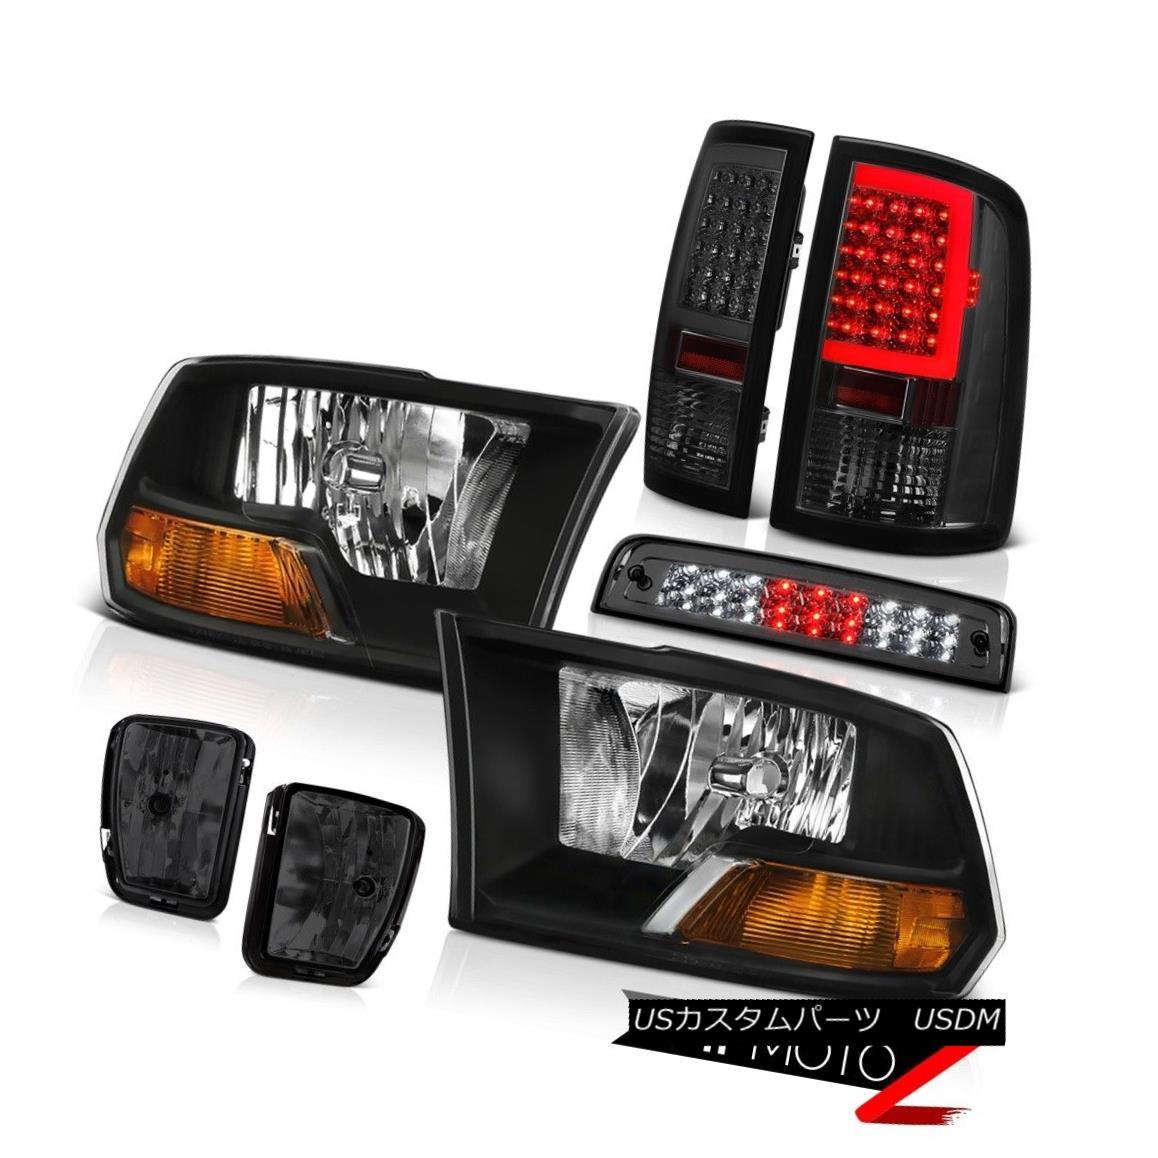 値引きする テールライト 13-18 Dodge Factory RAM 1500 Smoked Tail Lamps Tail Fog Headlamp Lights Brake Factory Style Headlamp 13-18ダッジRAM 1500スモークテールランプフォグライトブレーキ工場スタイルヘッドライト, MUK ONLINE SHOP:af95f5a8 --- esef.localized.me